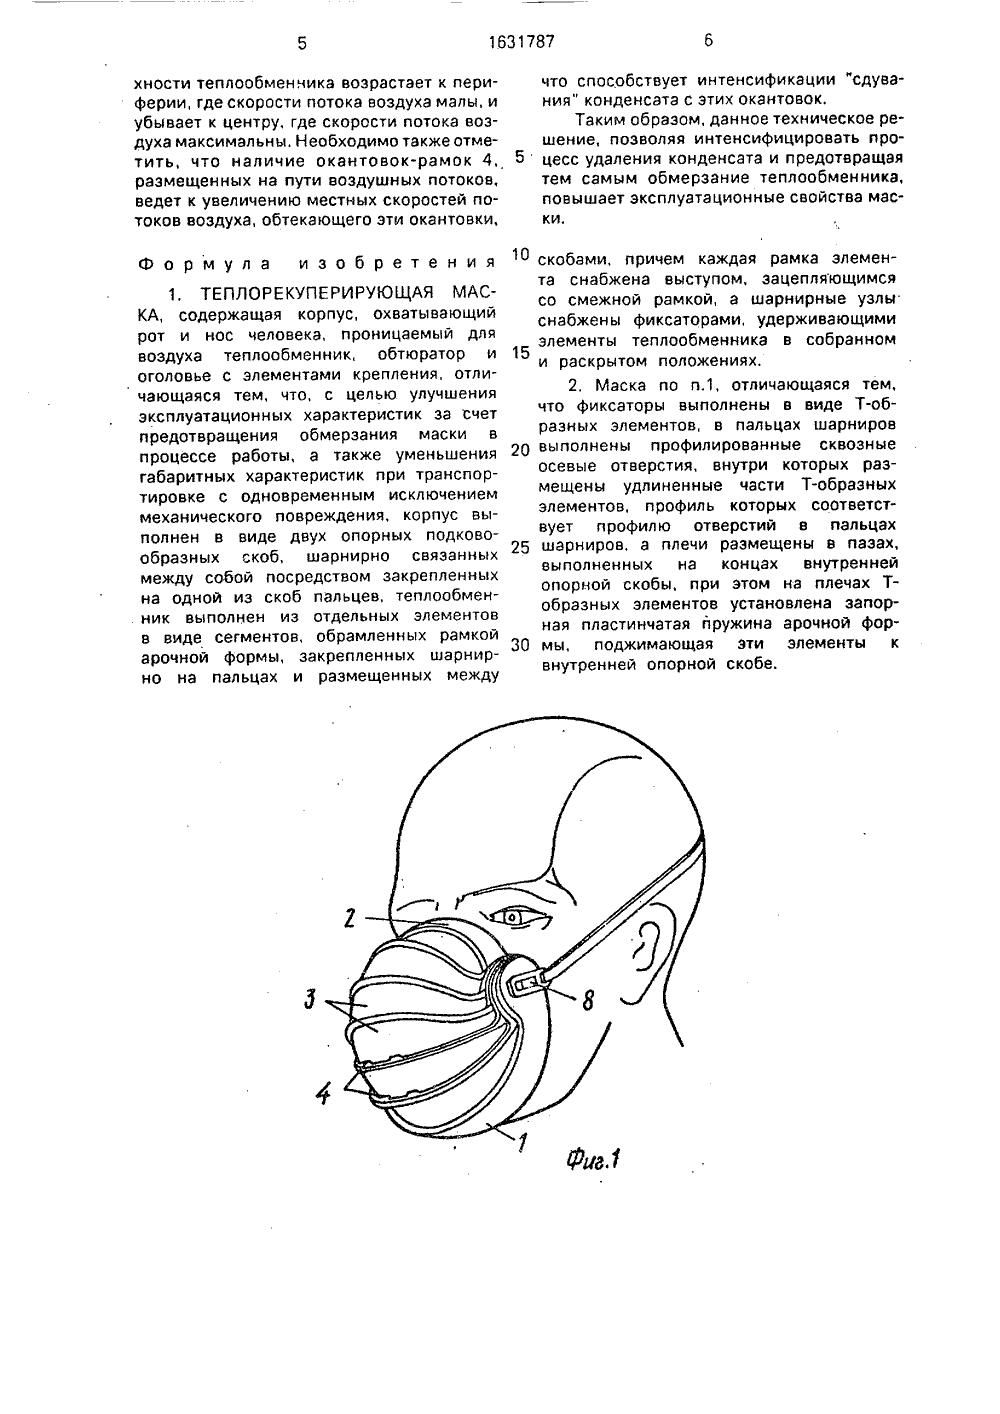 Маска теплообменник схема кладки печи с теплообменником